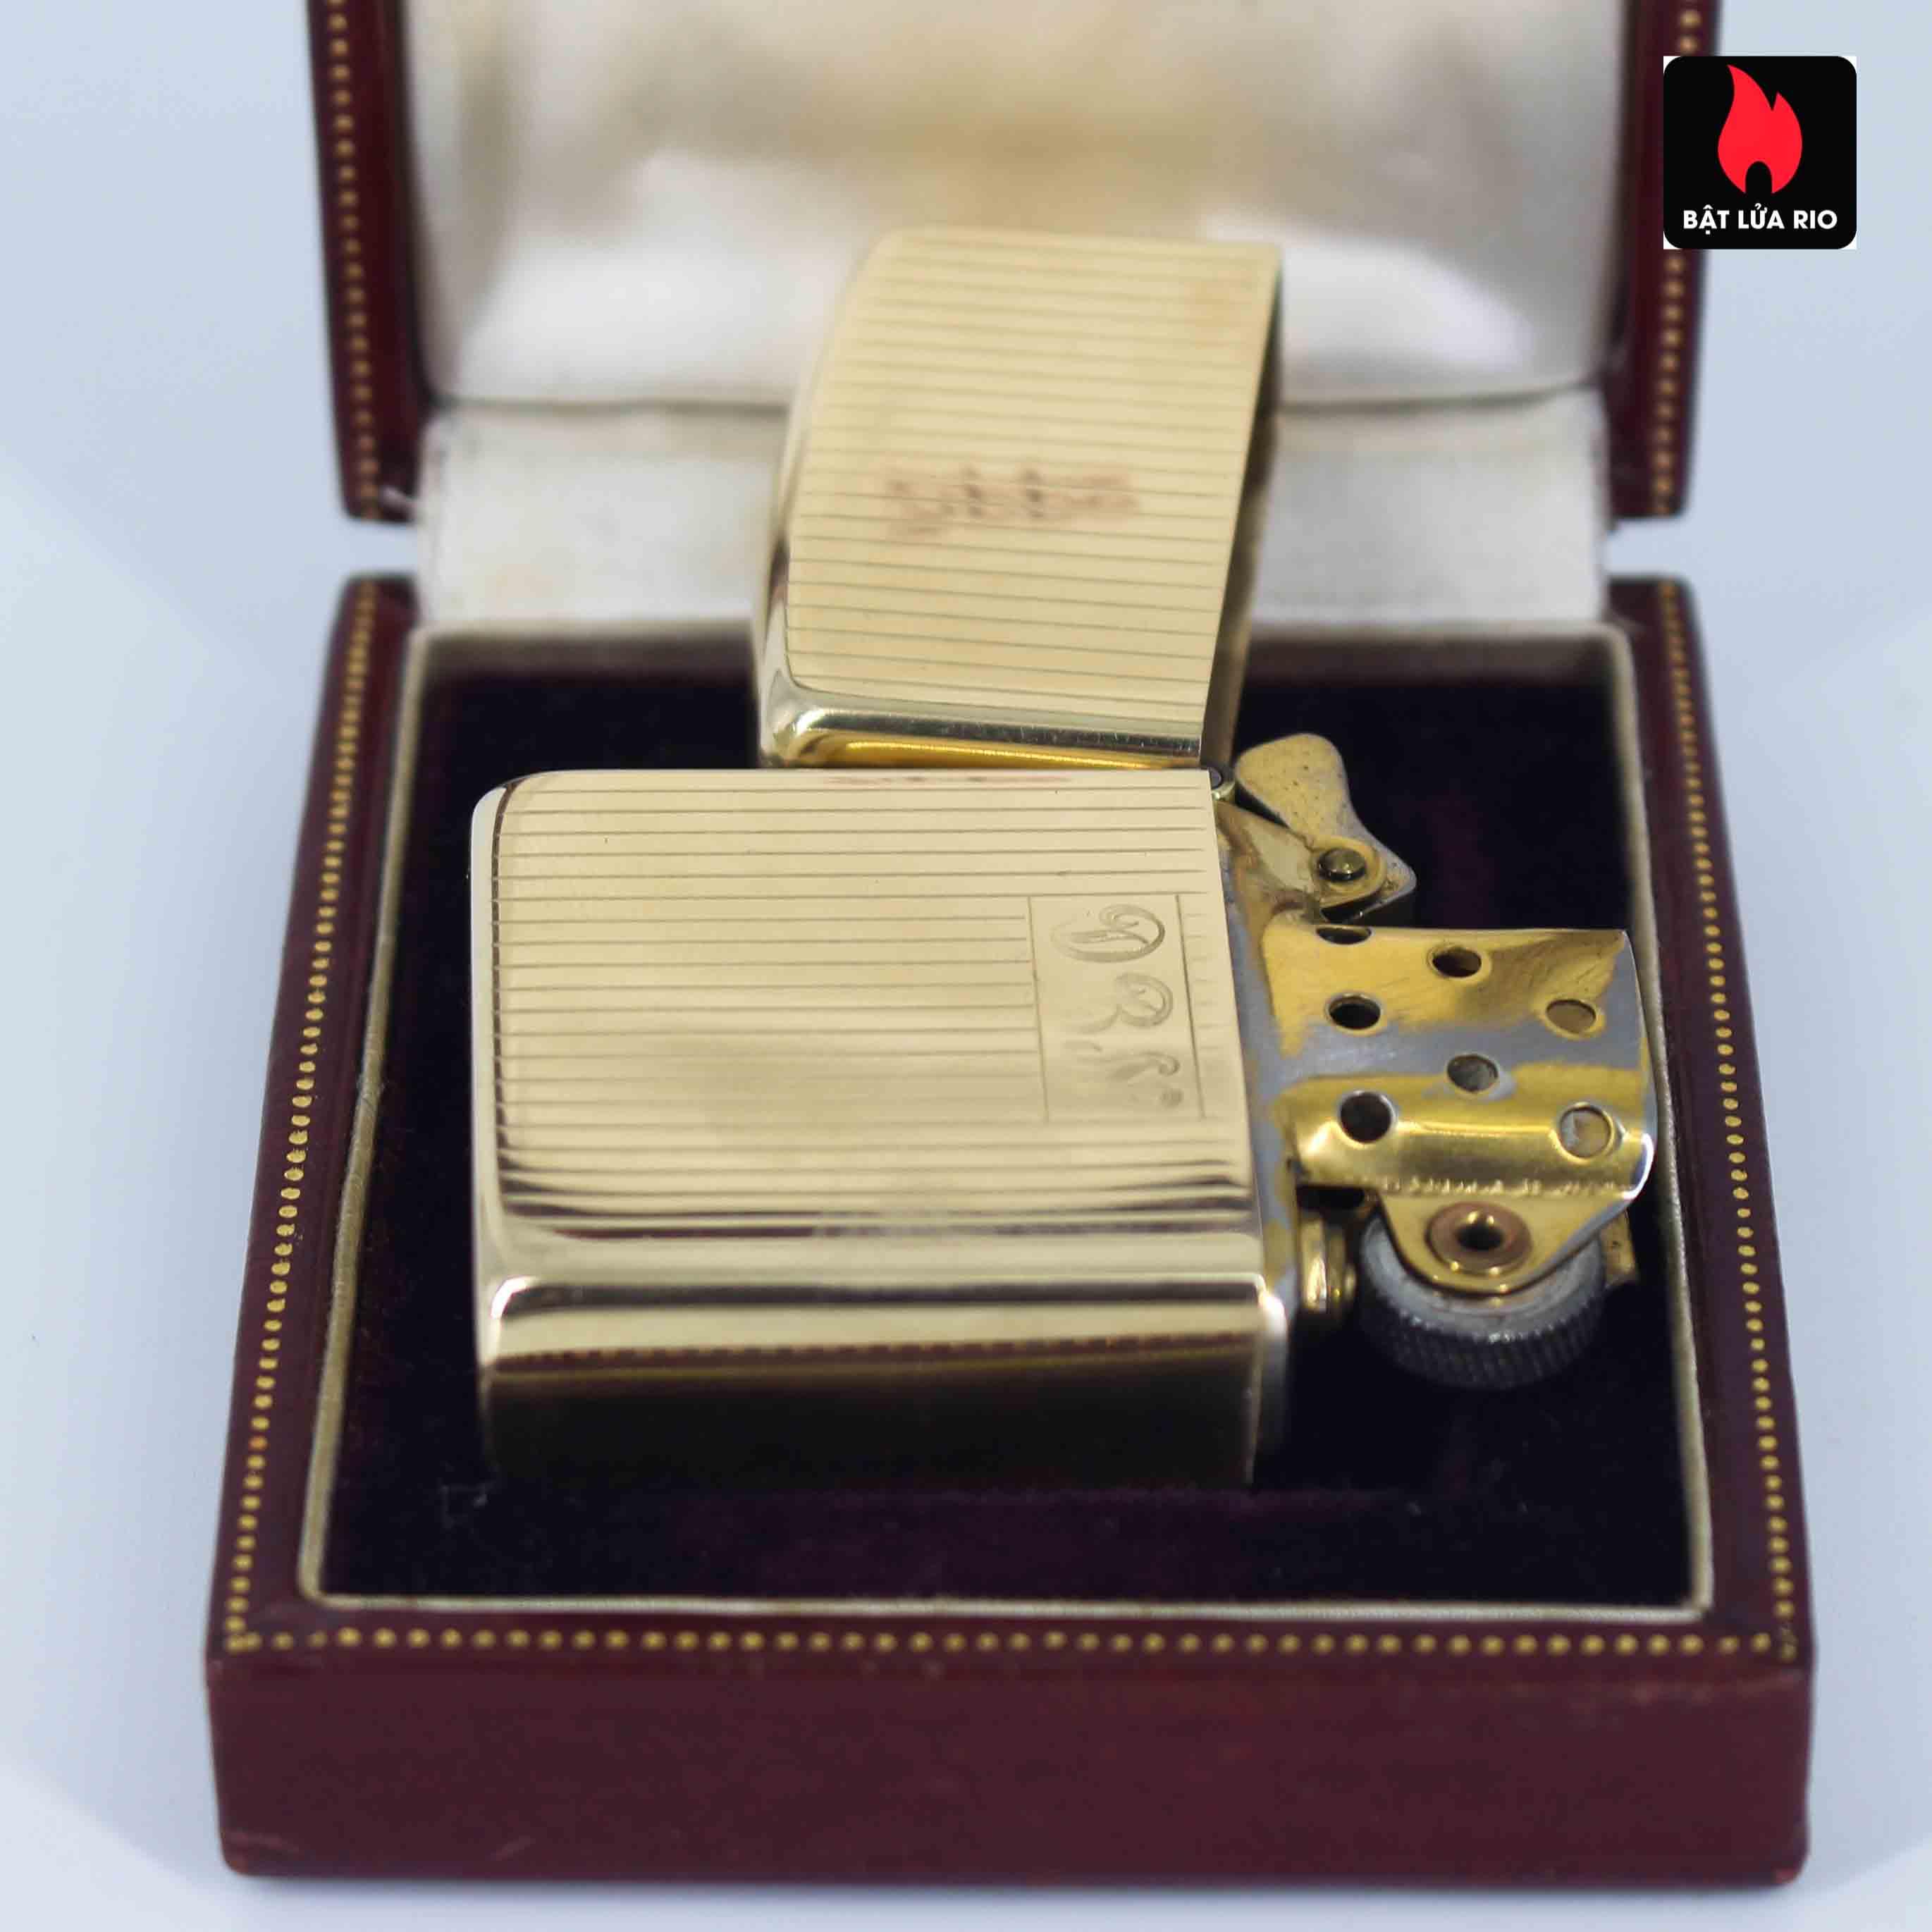 Hiếm - Zippo 1950s - Solid Gold 14k - Vàng Nguyên Khối 14k 3